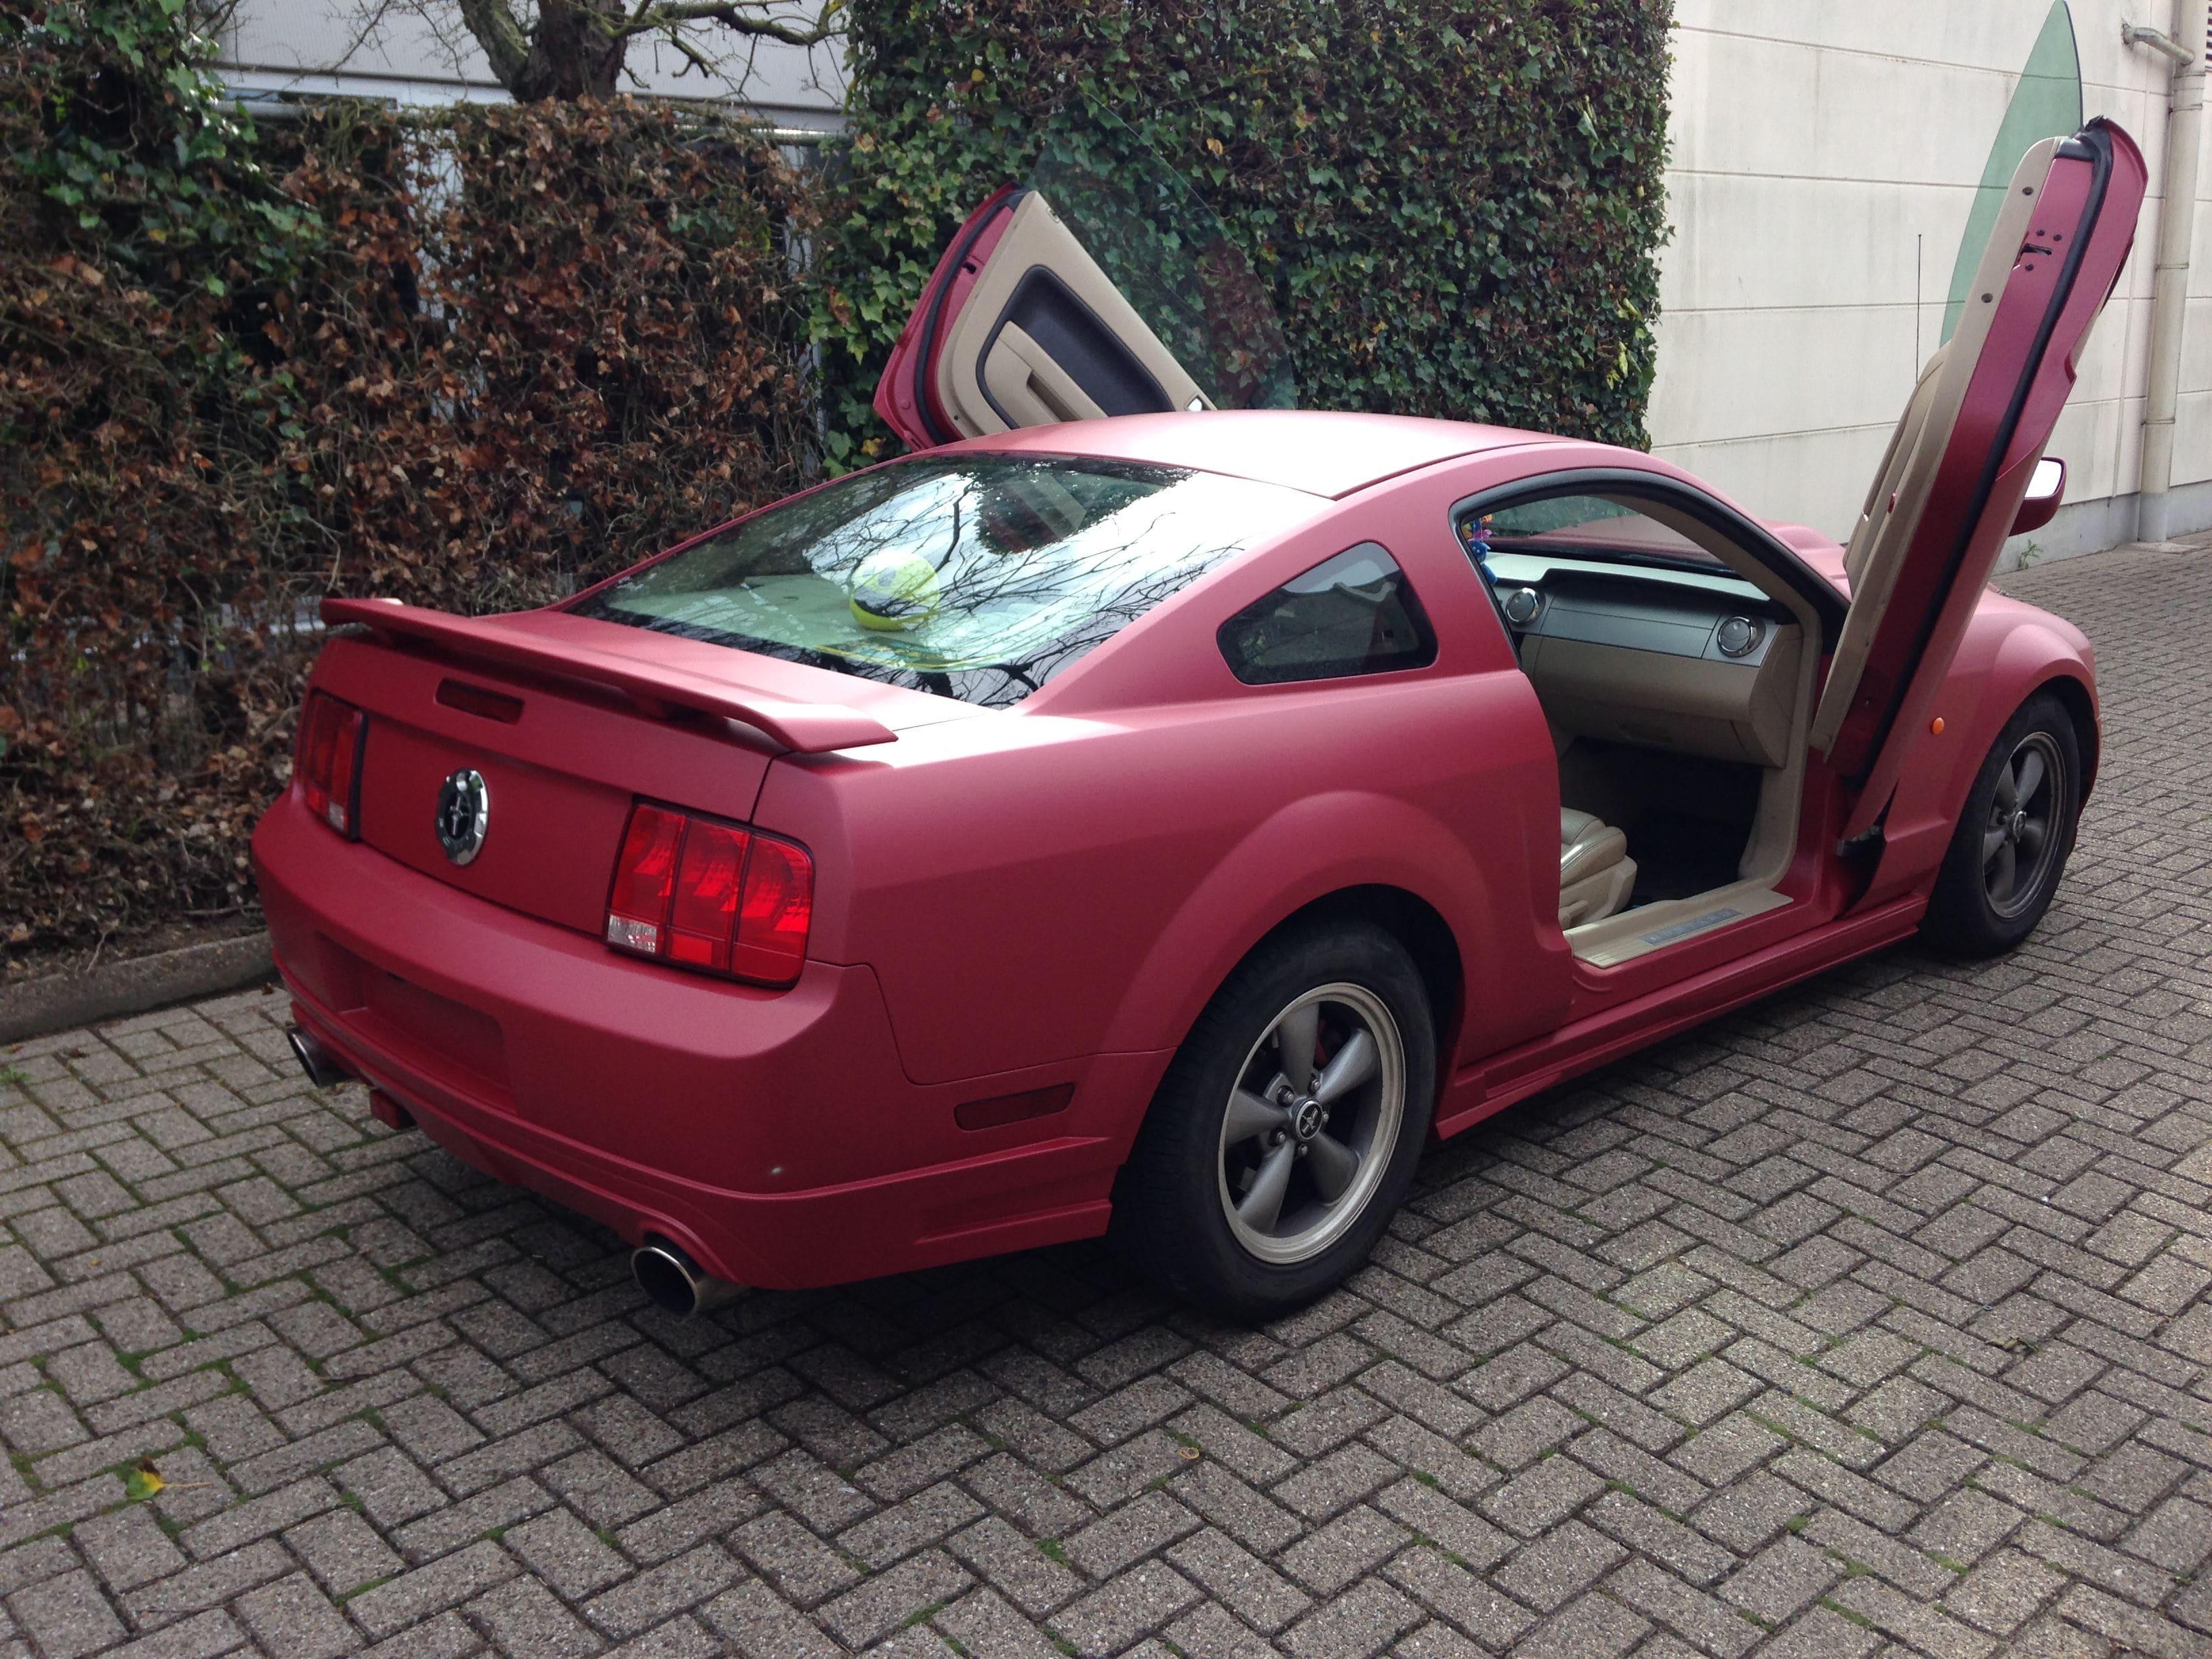 Ford Mustang 2009 met Mat Rode wrap, Carwrapping door Wrapmyride.nu Foto-nr:5824, ©2020